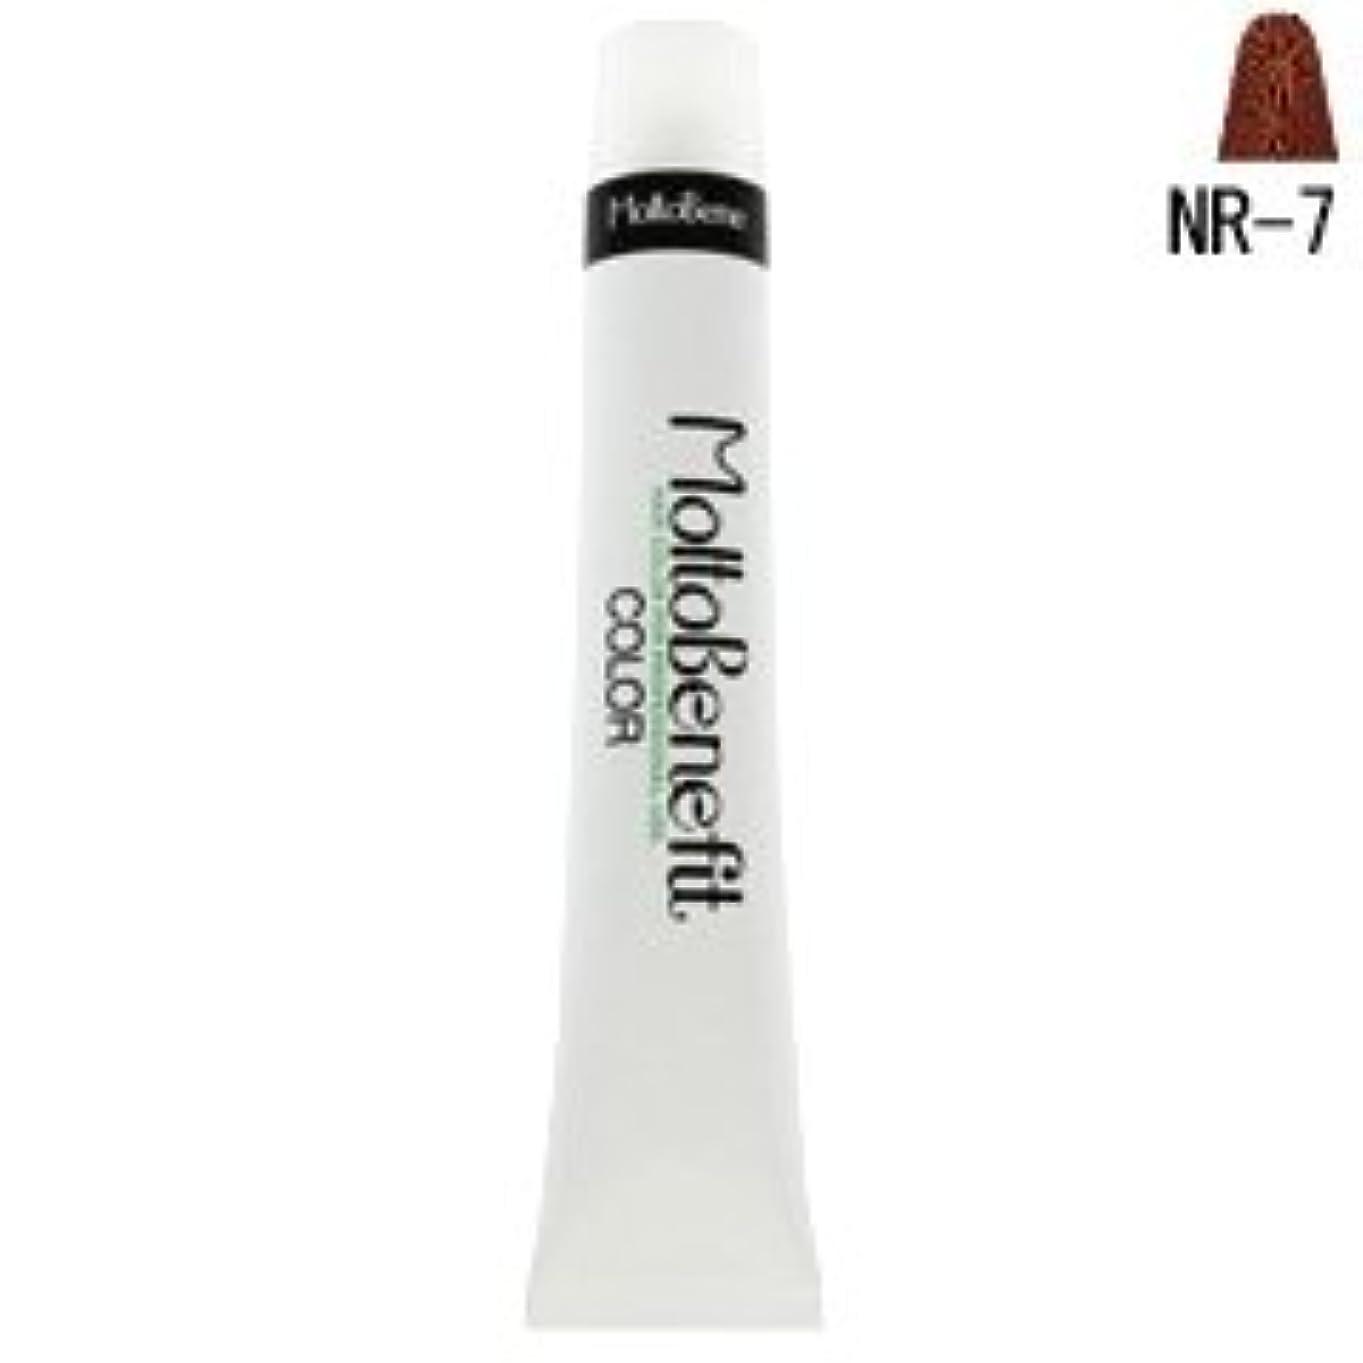 【モルトベーネ】フィットカラー グレイナチュラルカラー NR-7 ナチュラルレッド 60g